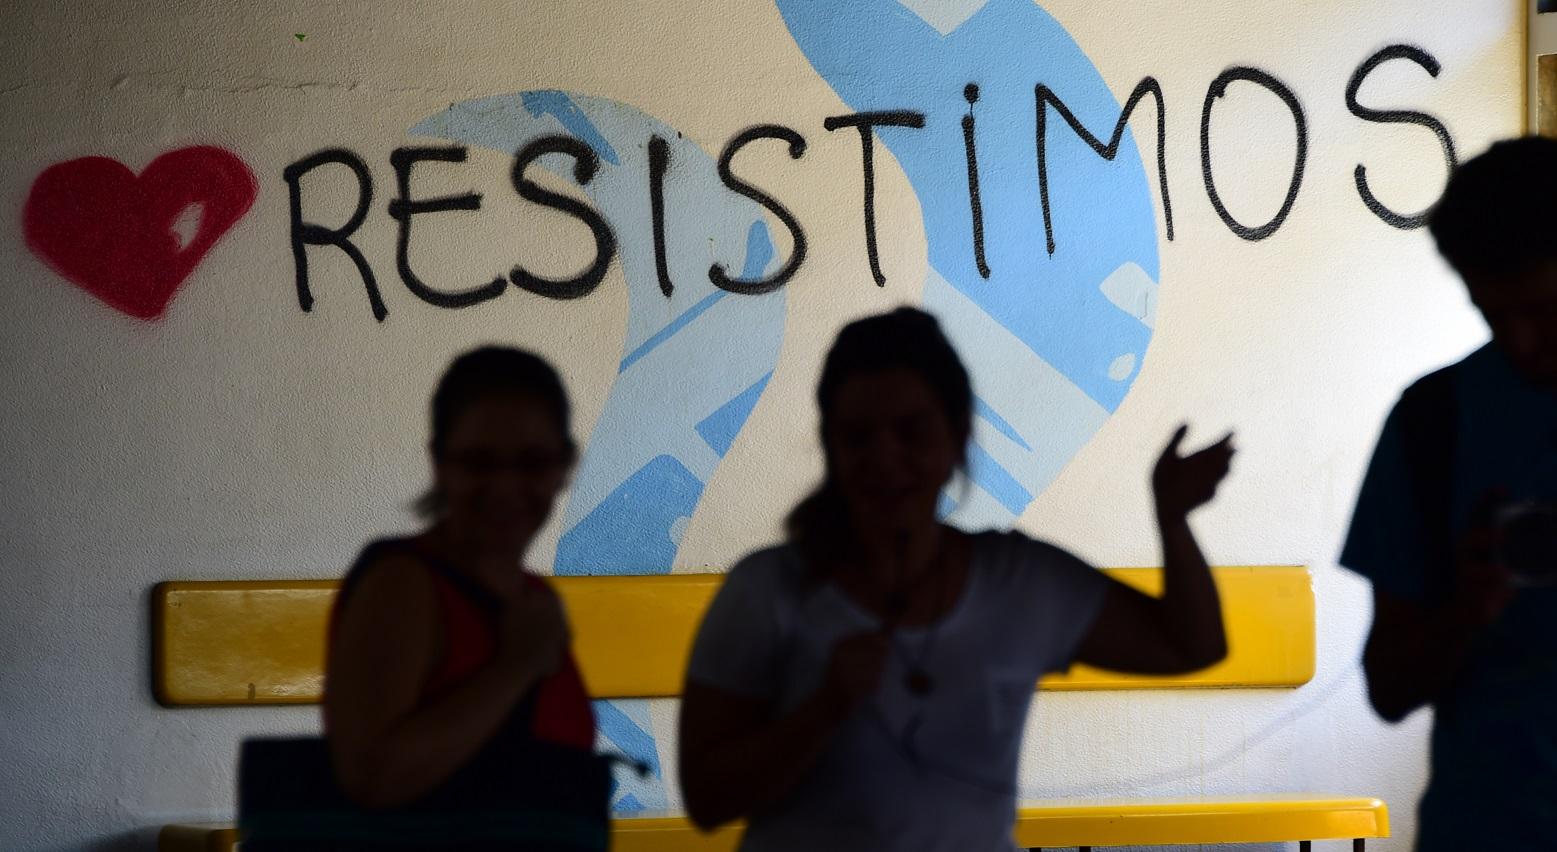 Alunos, professores e funcionários da UERJ prometem resistir. Foto Tasso Marcelo/AFP